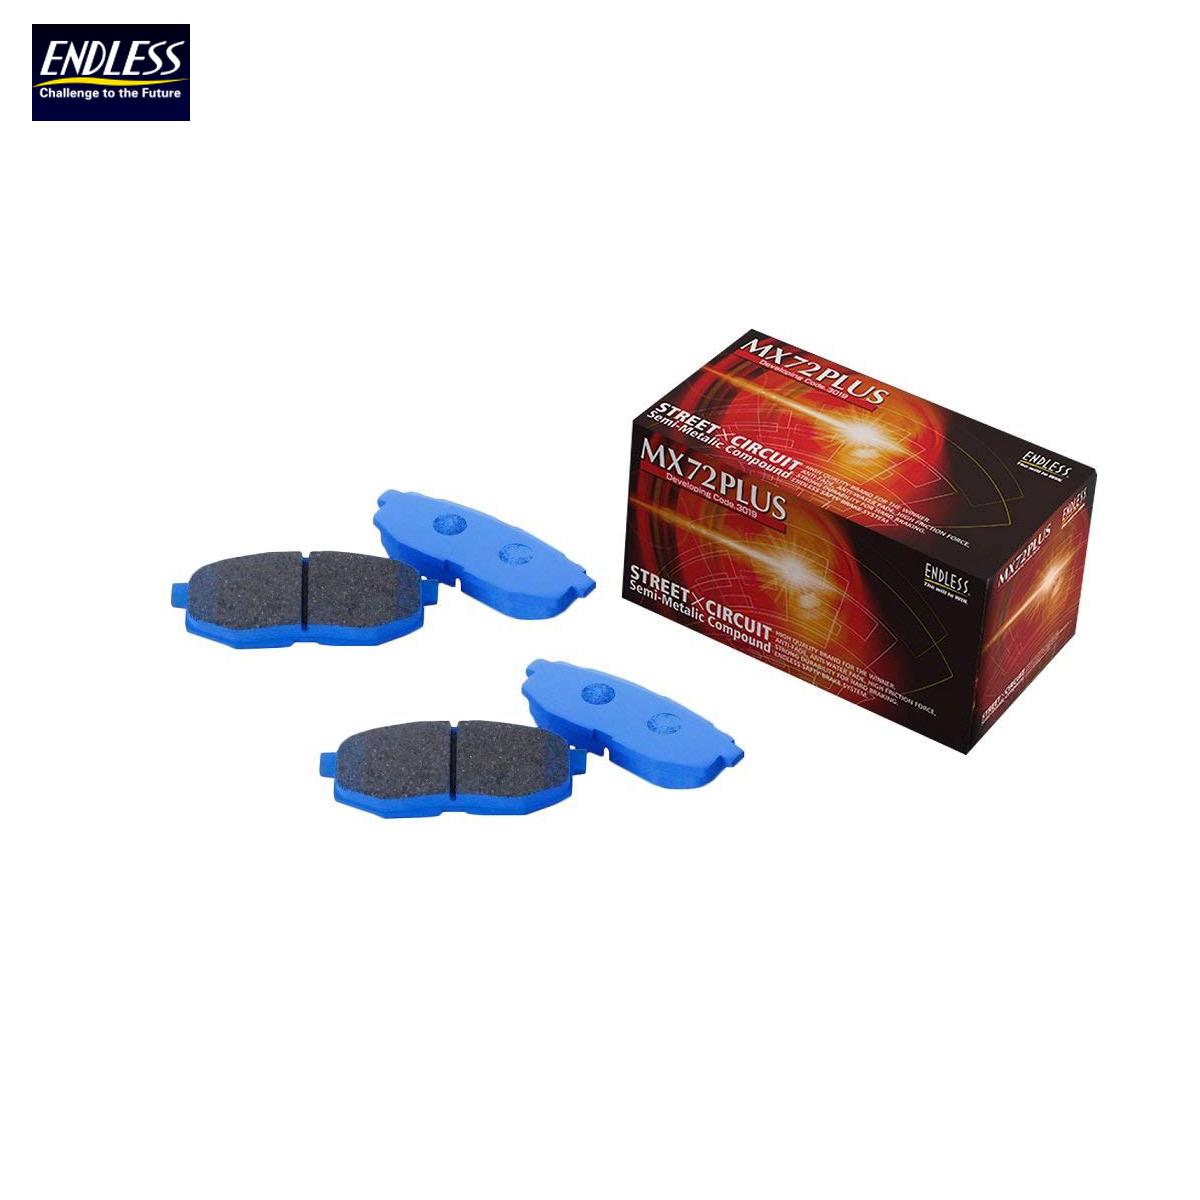 ENDLESS エンドレス ブレーキパッド MX72プラス フロント EP076 エクシヴ ST180 181